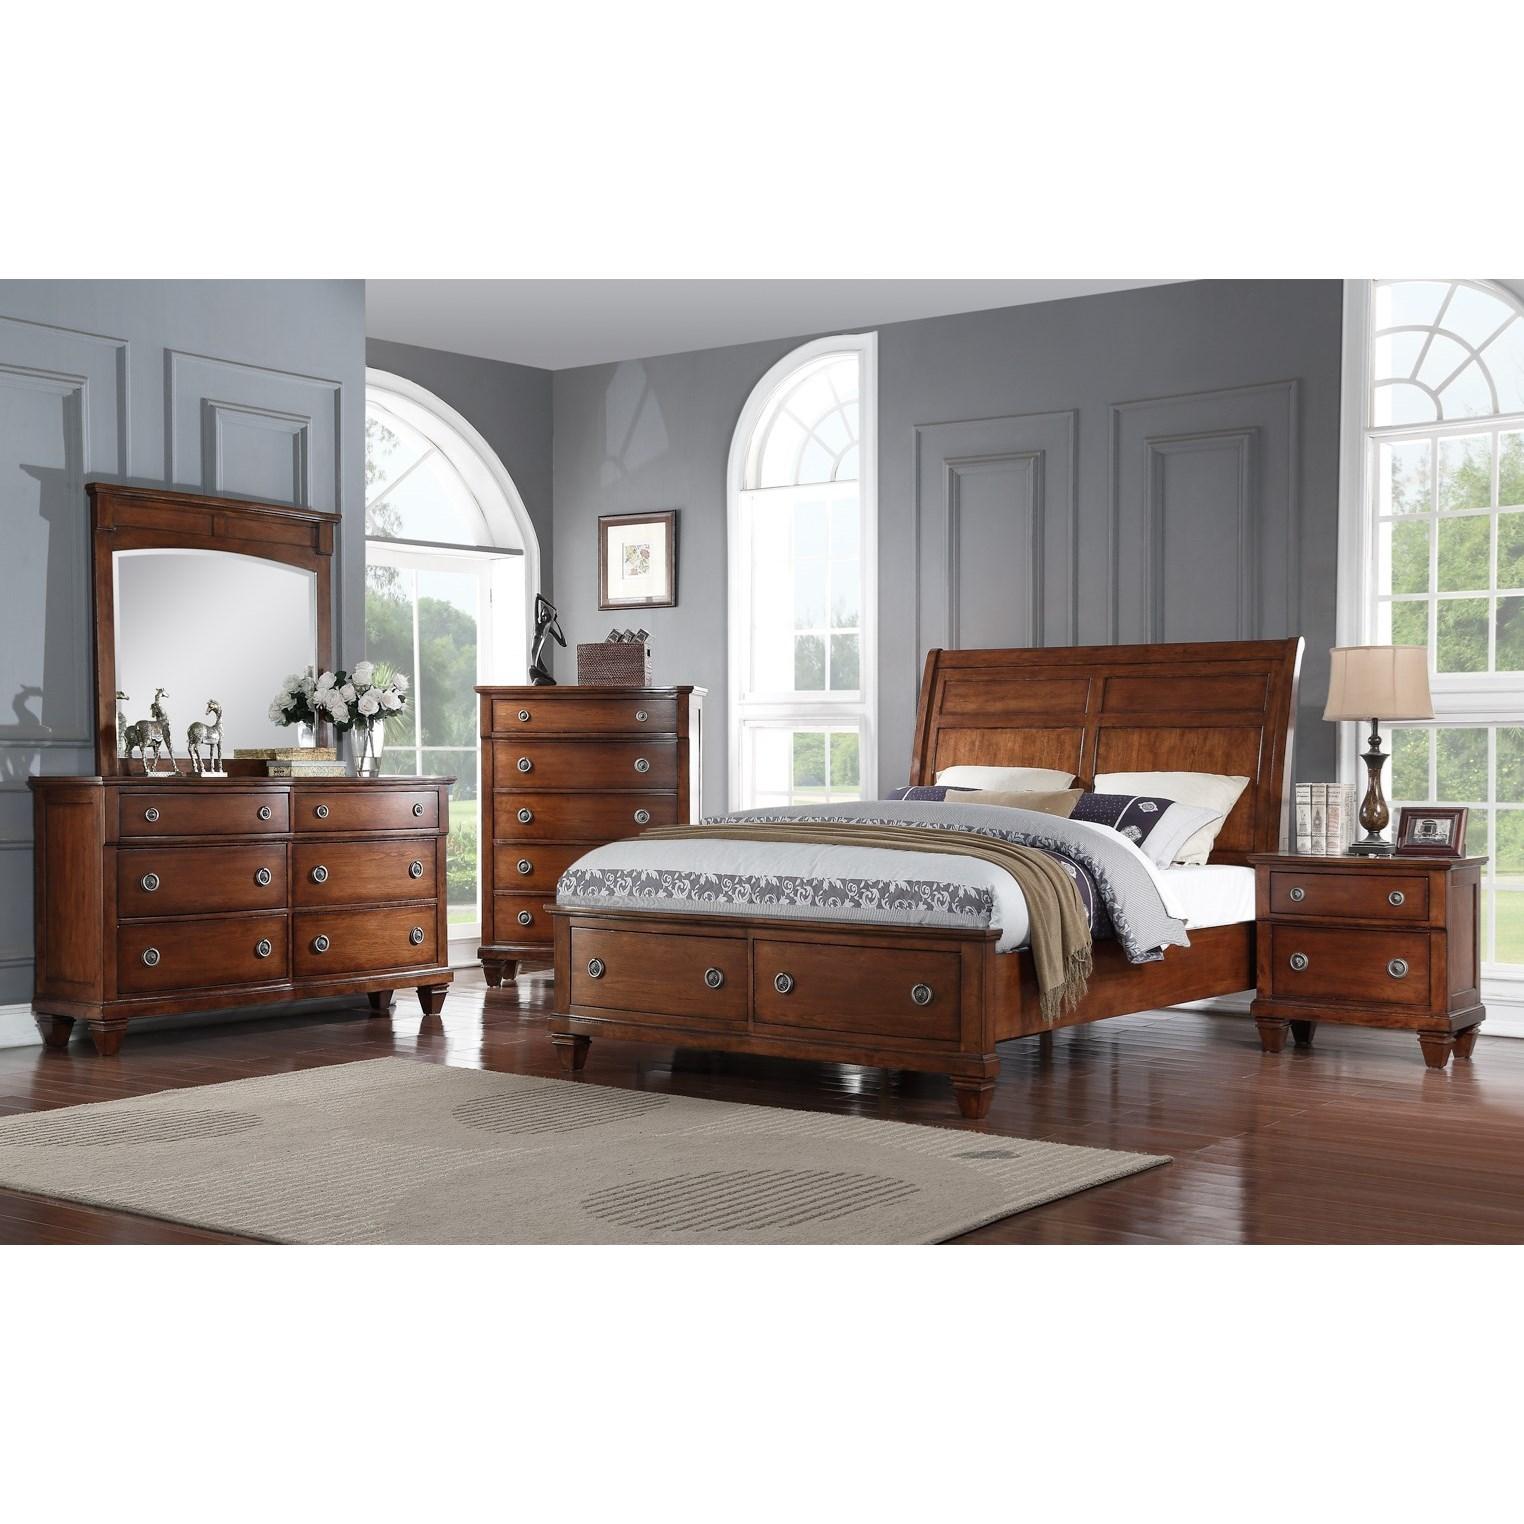 Furniture Corp: Avalon Furniture B068 Chest